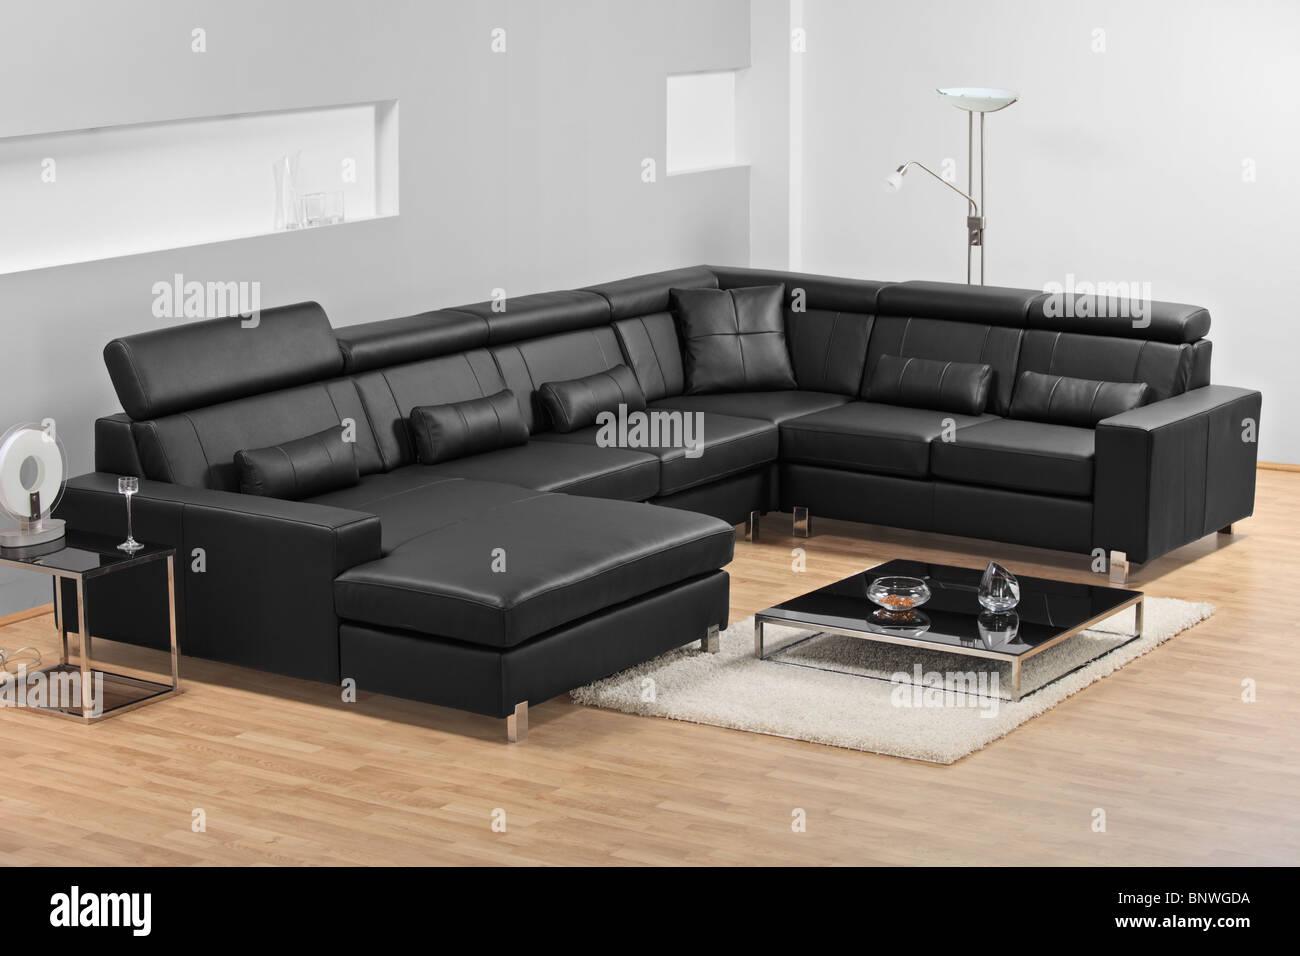 Una vista di un moderno appartamento con divano in pelle nera Immagini Stock